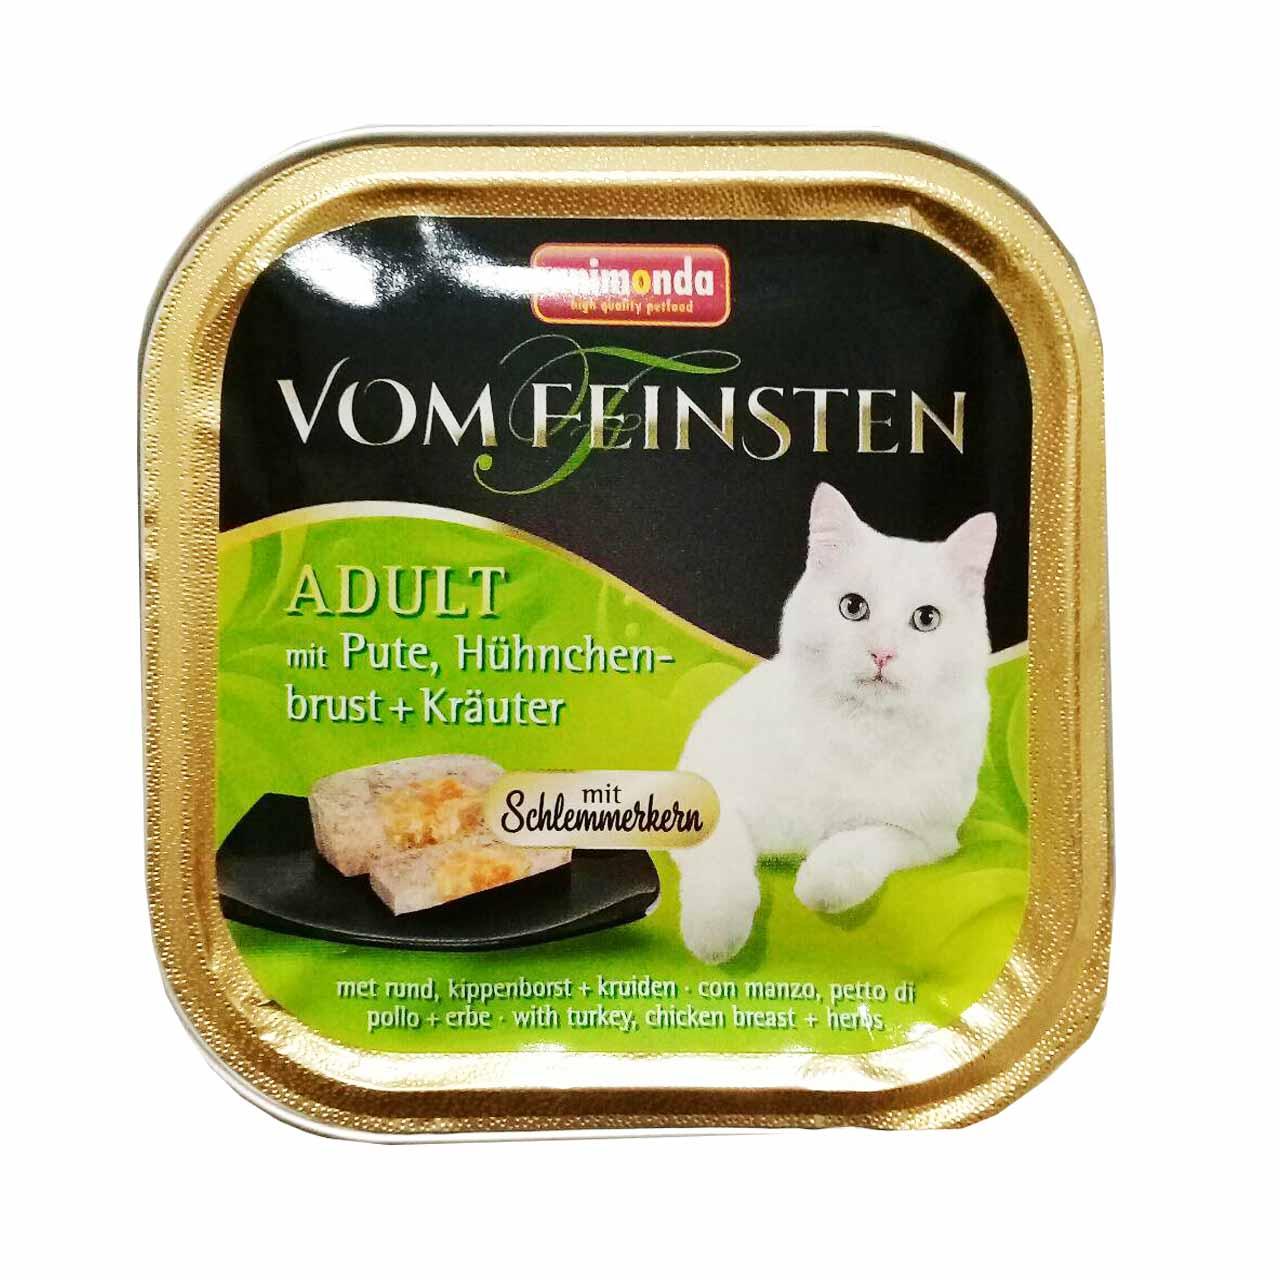 کنسرو غذای گربه آنیموندا  کد 1463 وزن 100 گرم